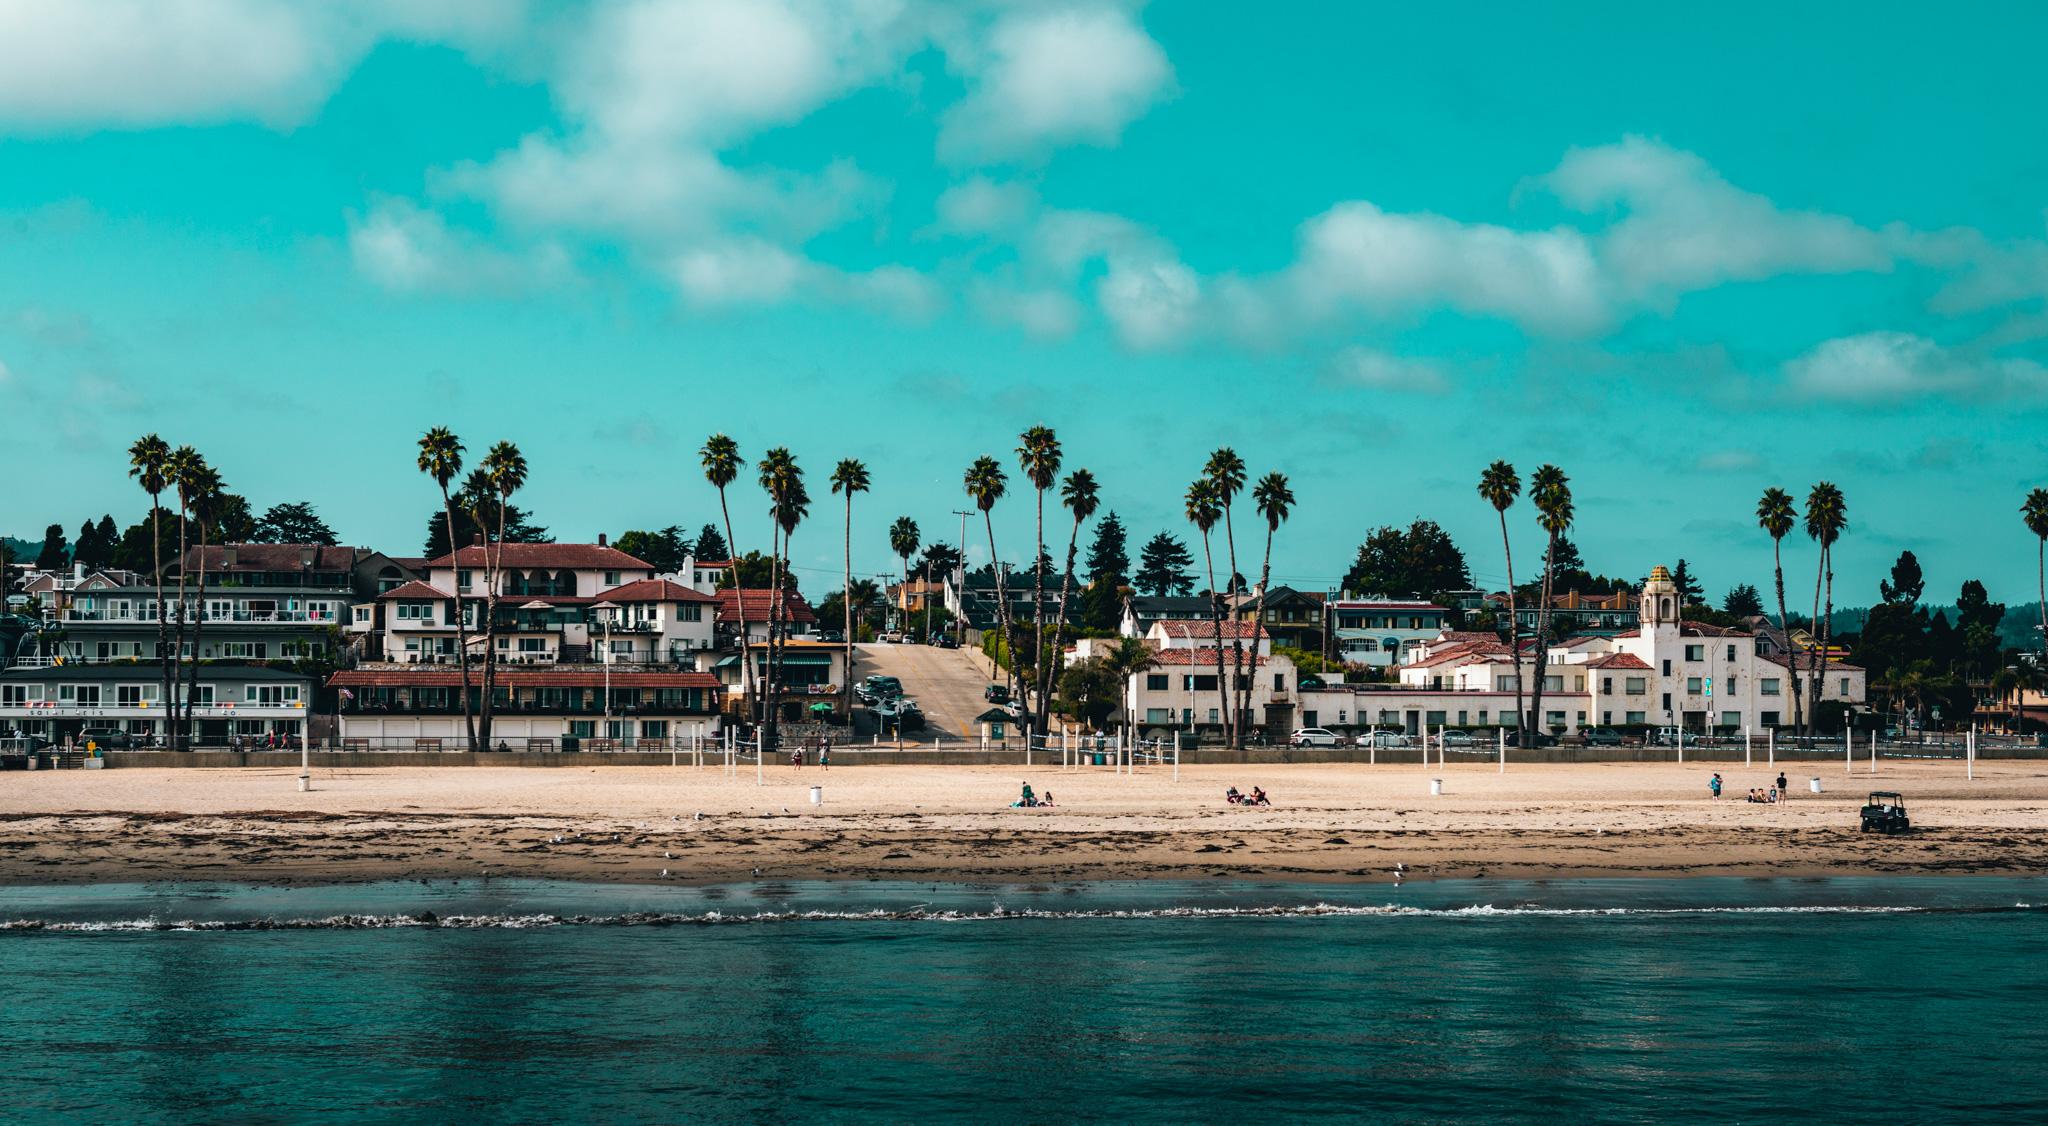 California : Santa Cruz